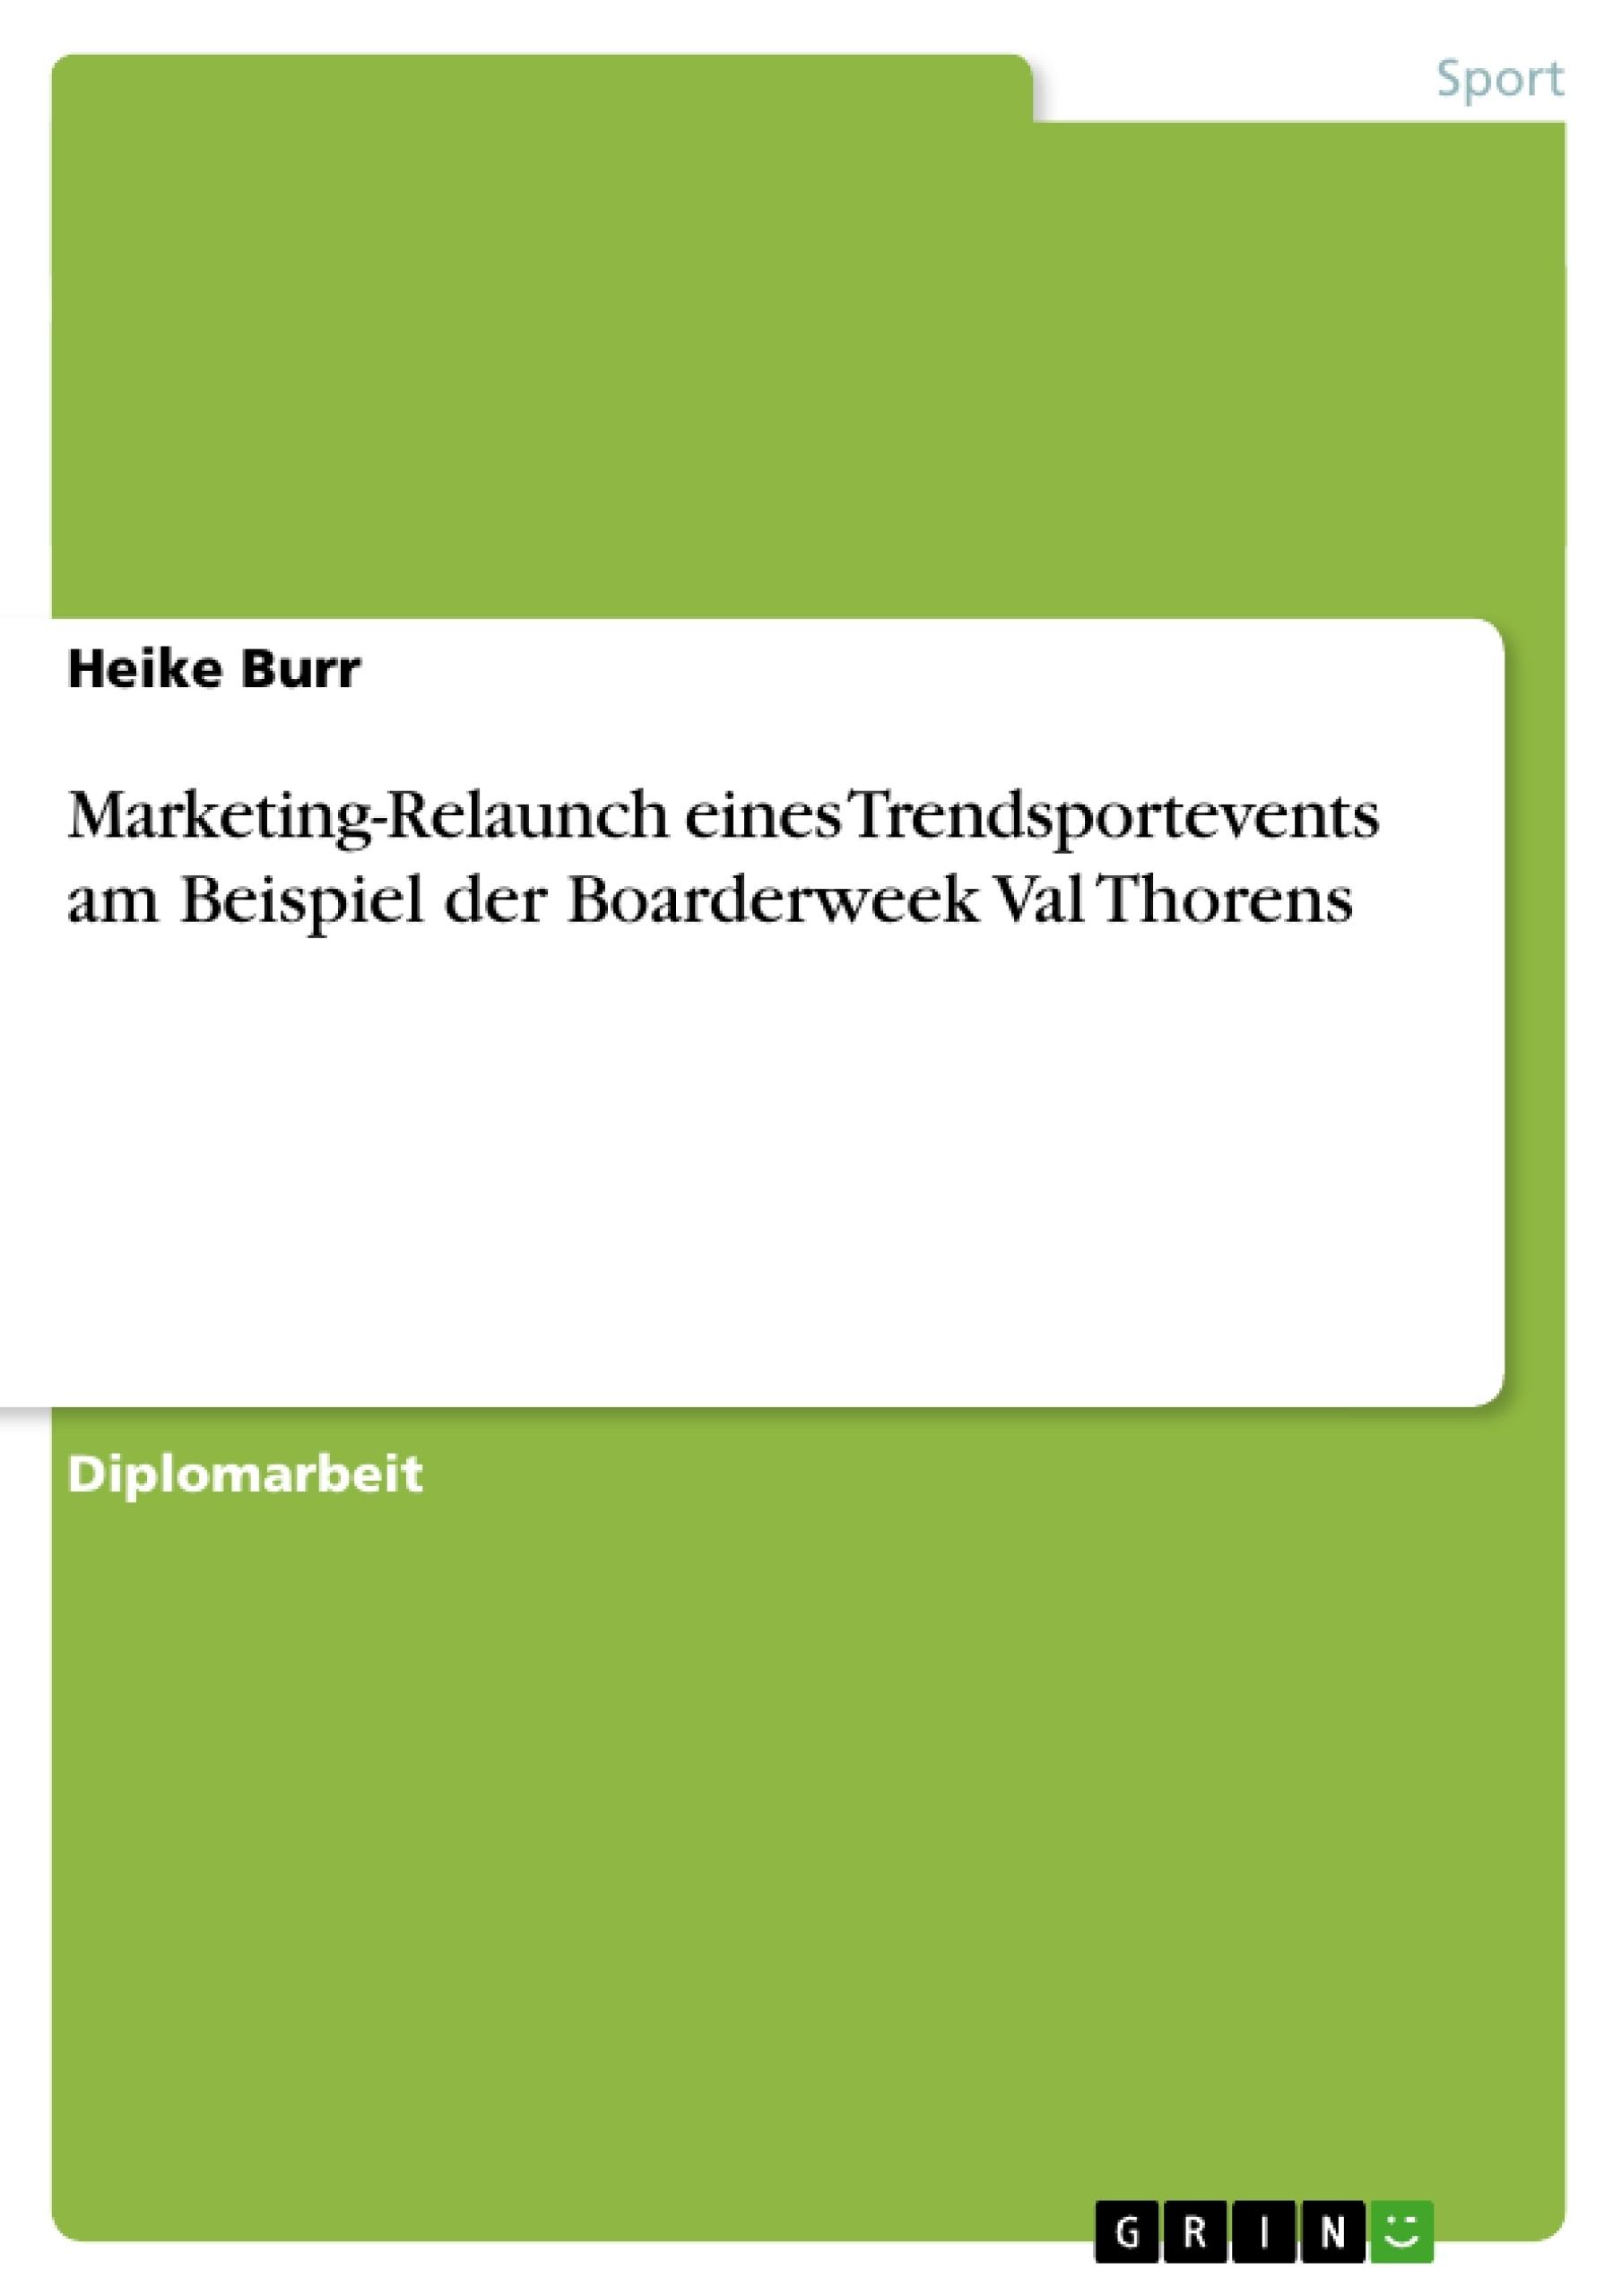 Titel: Marketing-Relaunch eines Trendsportevents am Beispiel der Boarderweek Val Thorens